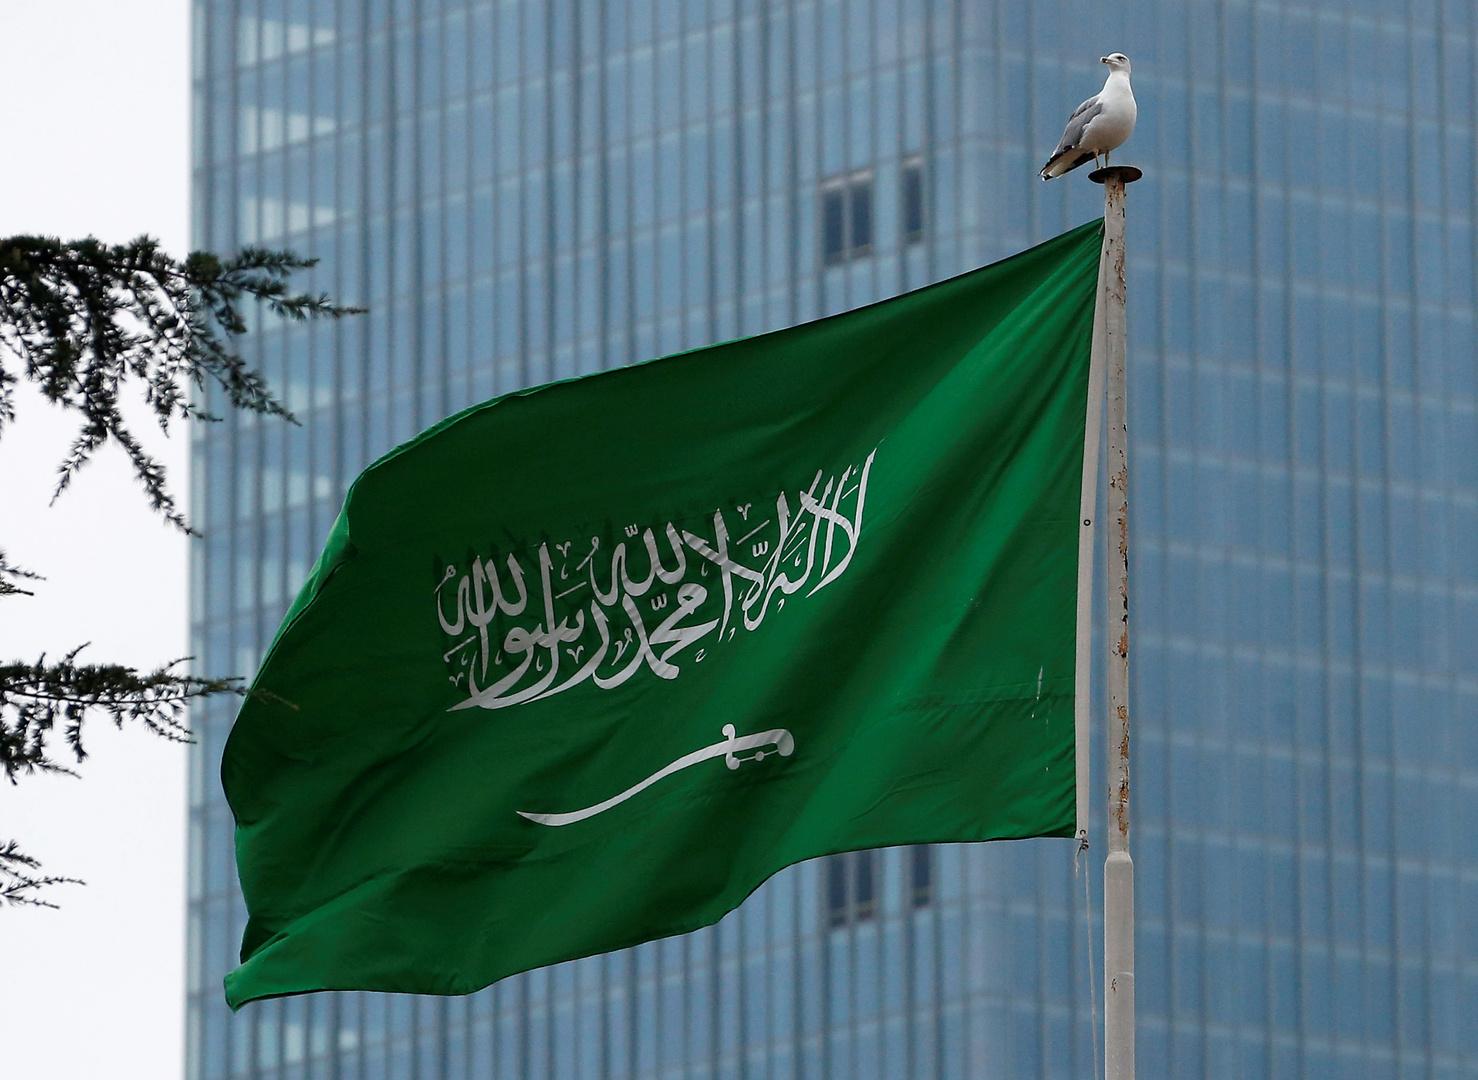 بوشاح الملك.. السعودية تكرم شخبوط بن نهيان والأخير يعلق